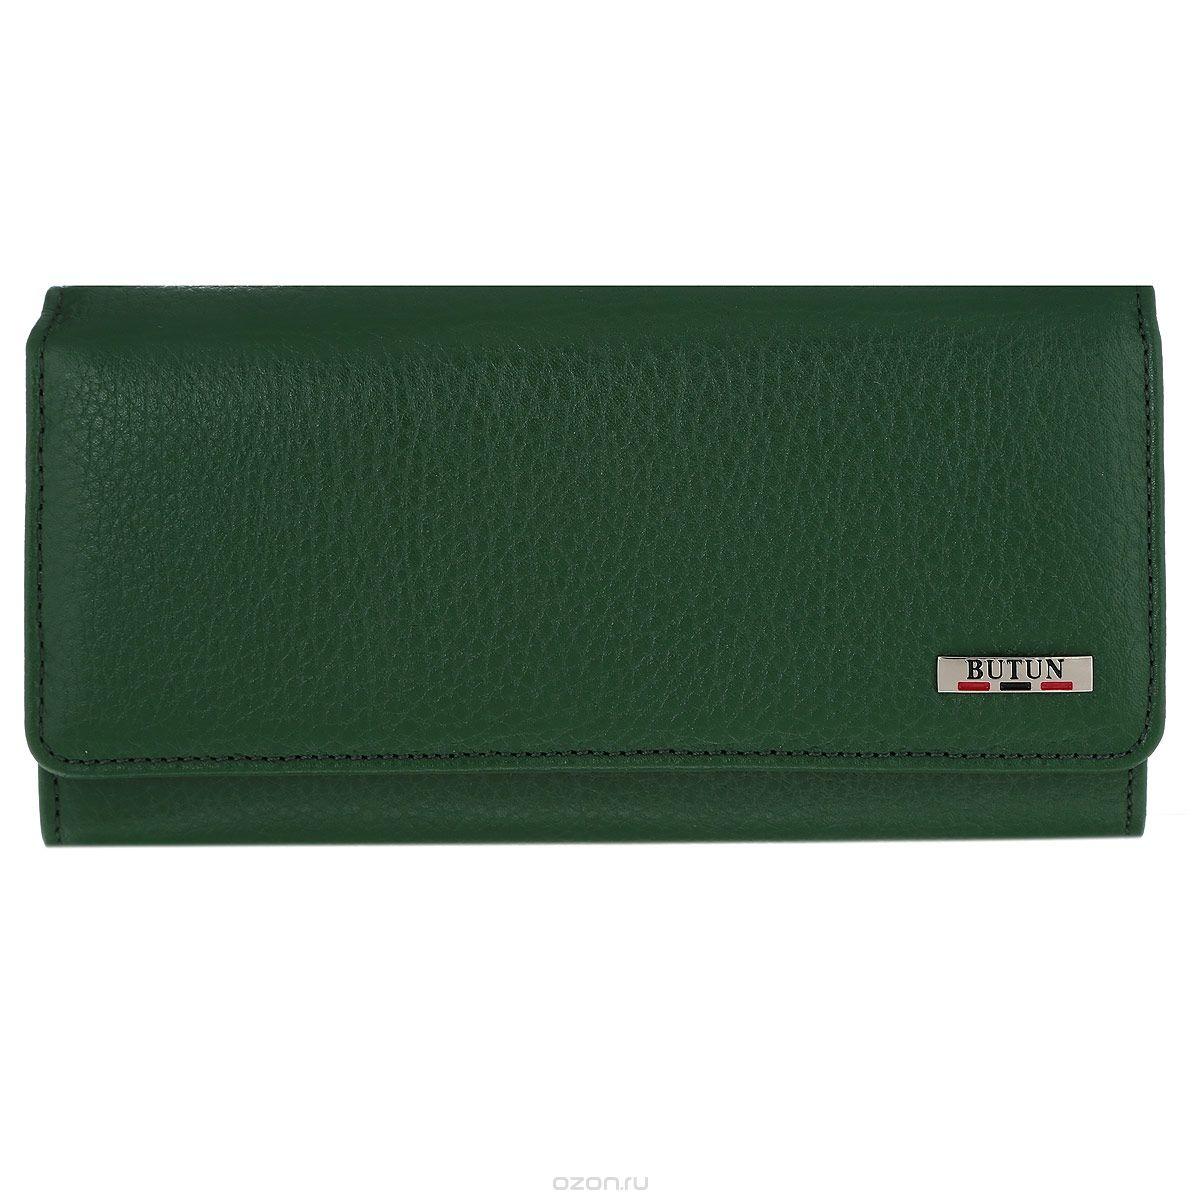 Портмоне женское Butun, цвет: зеленый. 559-004 0752-037-009Женское портмоне Butun выполнено из натуральной высококачественной кожи с натуральным тиснением. Портмоне состоит из трех отделений для купюр. Внутри расположены 3 открытых кармашка для визиток и банковских карт, 1 открытый накладной карман для мелочей, прорезной карман на застежке-молнии и открытый горизонтальный карман с прозрачным окошком-сеточкой. Также портмоне дополнено наружным отделением для монет на замке-защелке, состоящим из 2 просторных отделений, разделенных перегородкой. Портмоне закрывается на широкий клапан с кнопкой. Фурнитура оформлена под серебро.Портмоне - это удобный и стильный аксессуар, необходимый каждому активному человеку для хранения денежных купюр, монет, визитных и пластиковых карт, а также небольших документов. Надежное портмоне Butun сочетает в себе классический дизайн и функциональность, и не только практично в использовании, но и станет отличным дополнением к любому стилю, и позволит вам подчеркнуть свою индивидуальность.Портмоне упаковано в подарочную коробку с логотипом производителя.